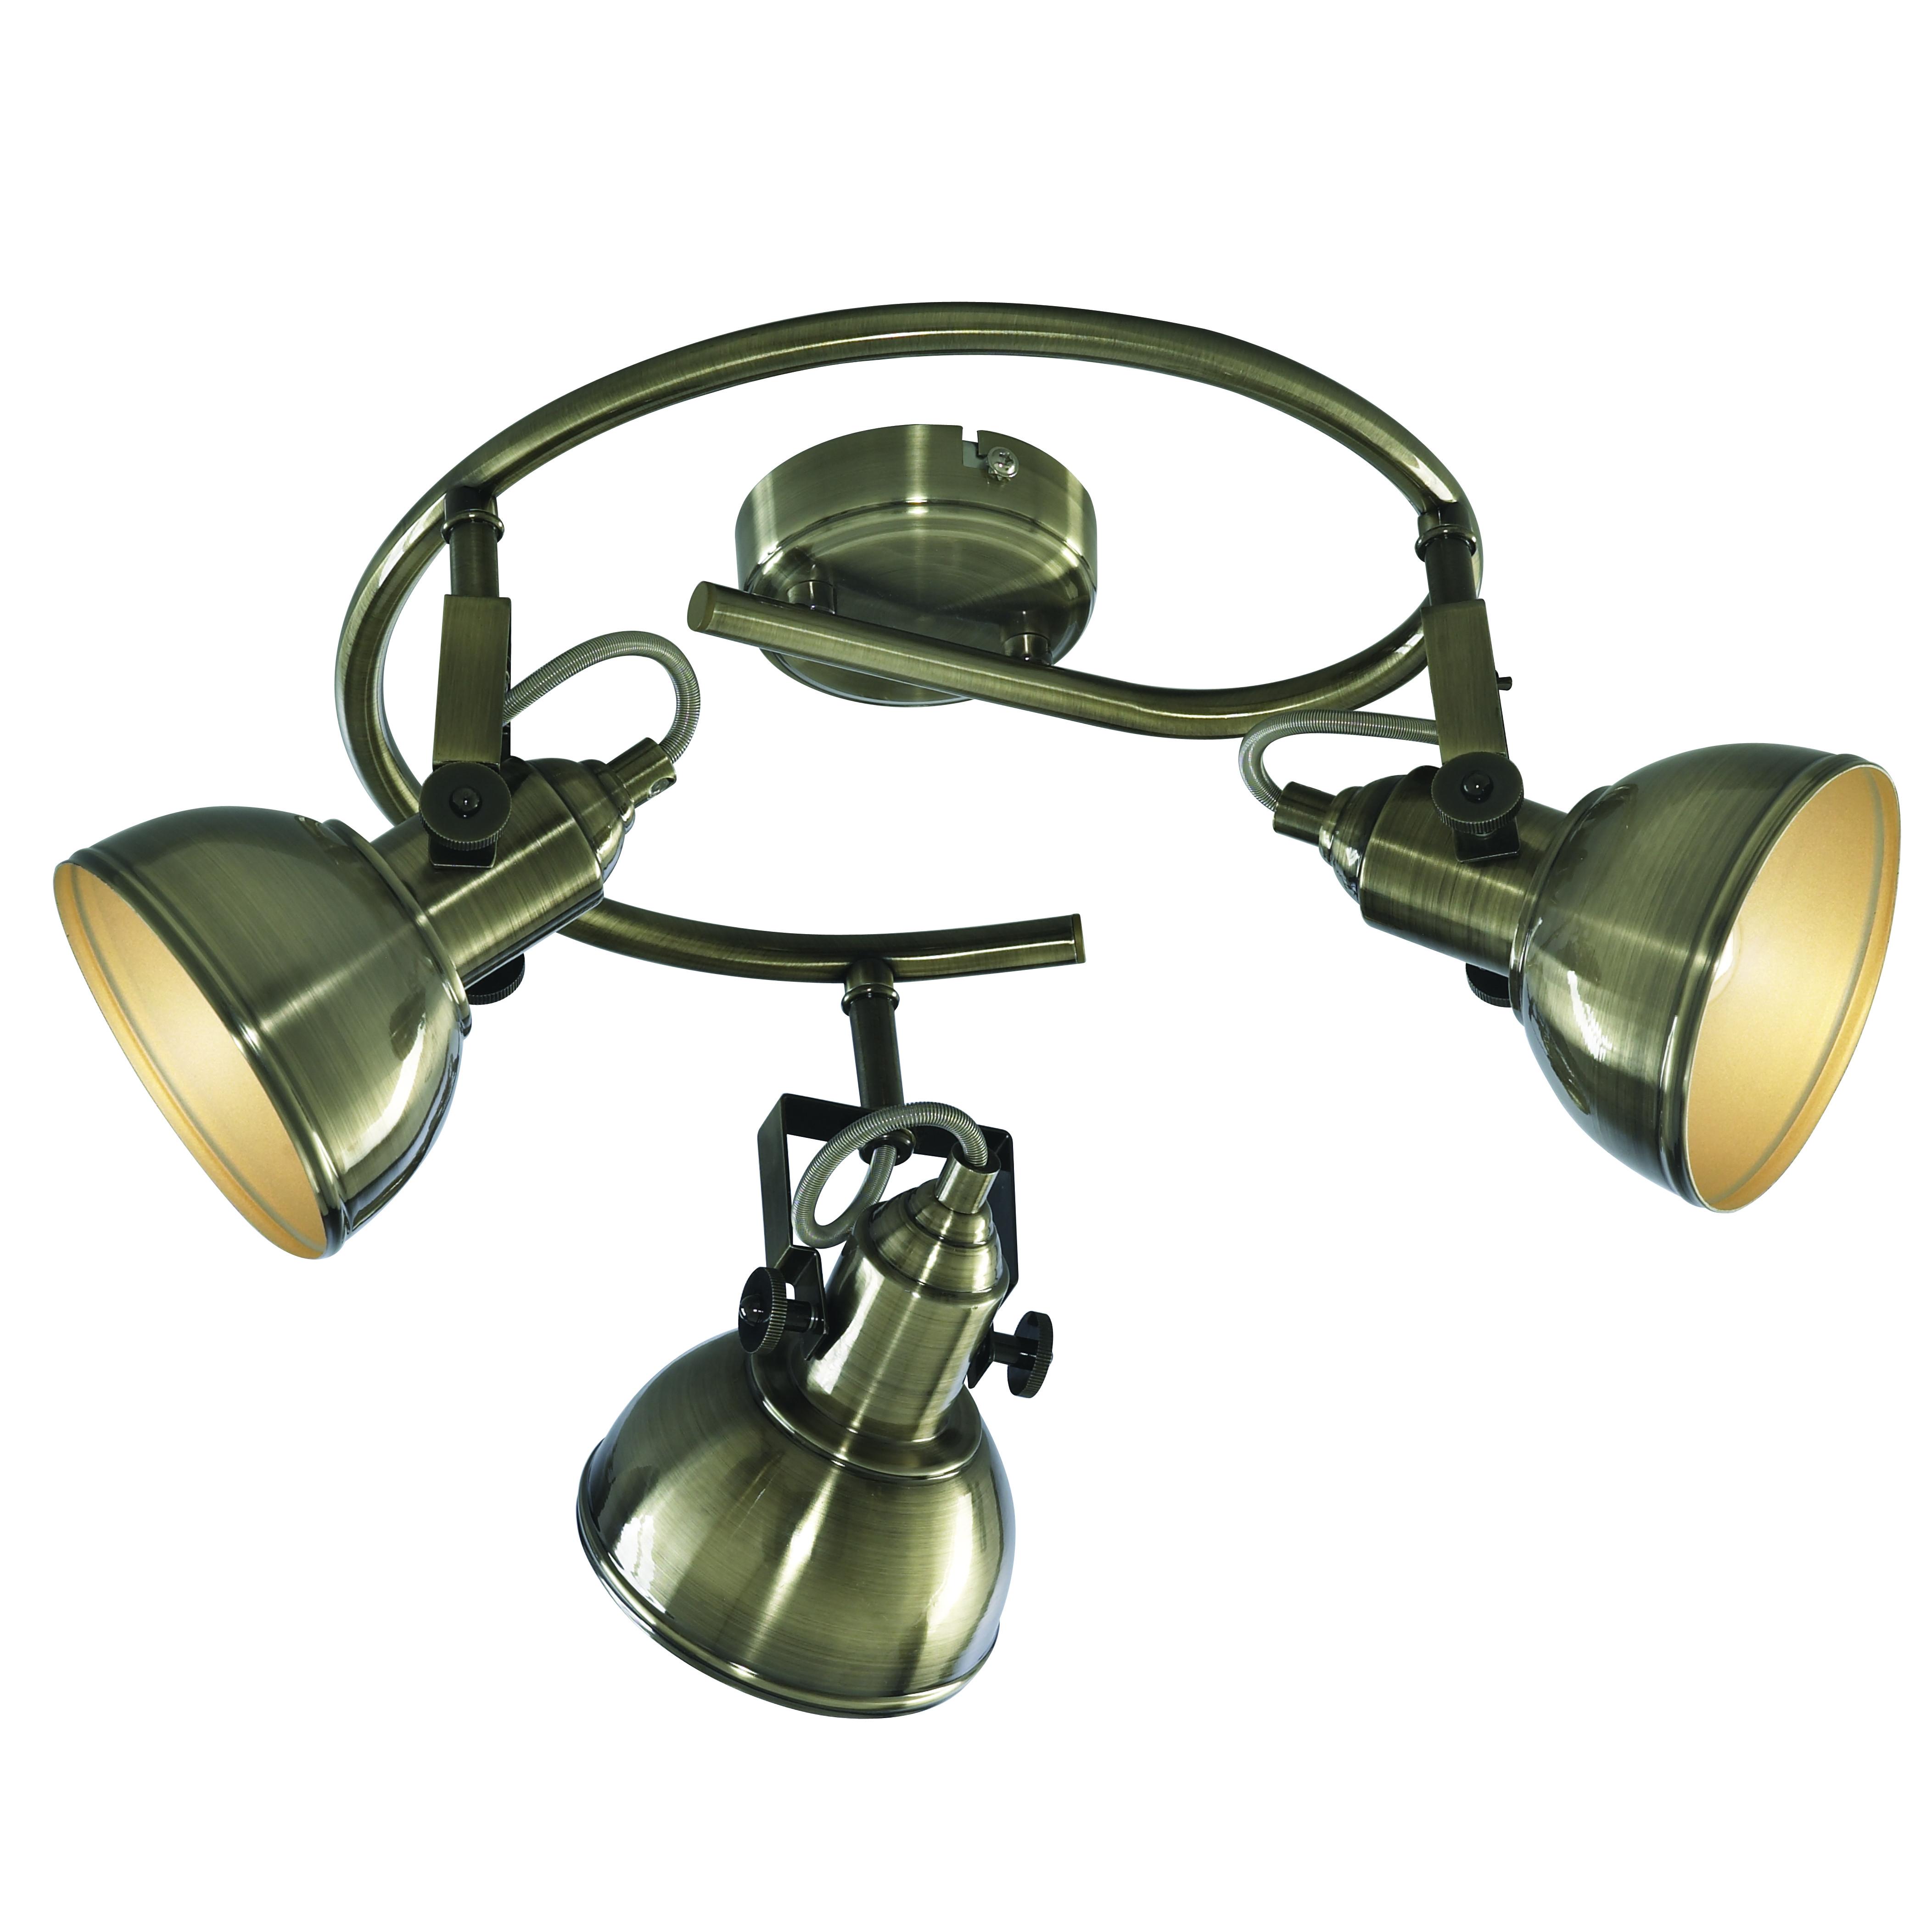 Спот Arte lamp Martin a5215pl-3ab цена и фото